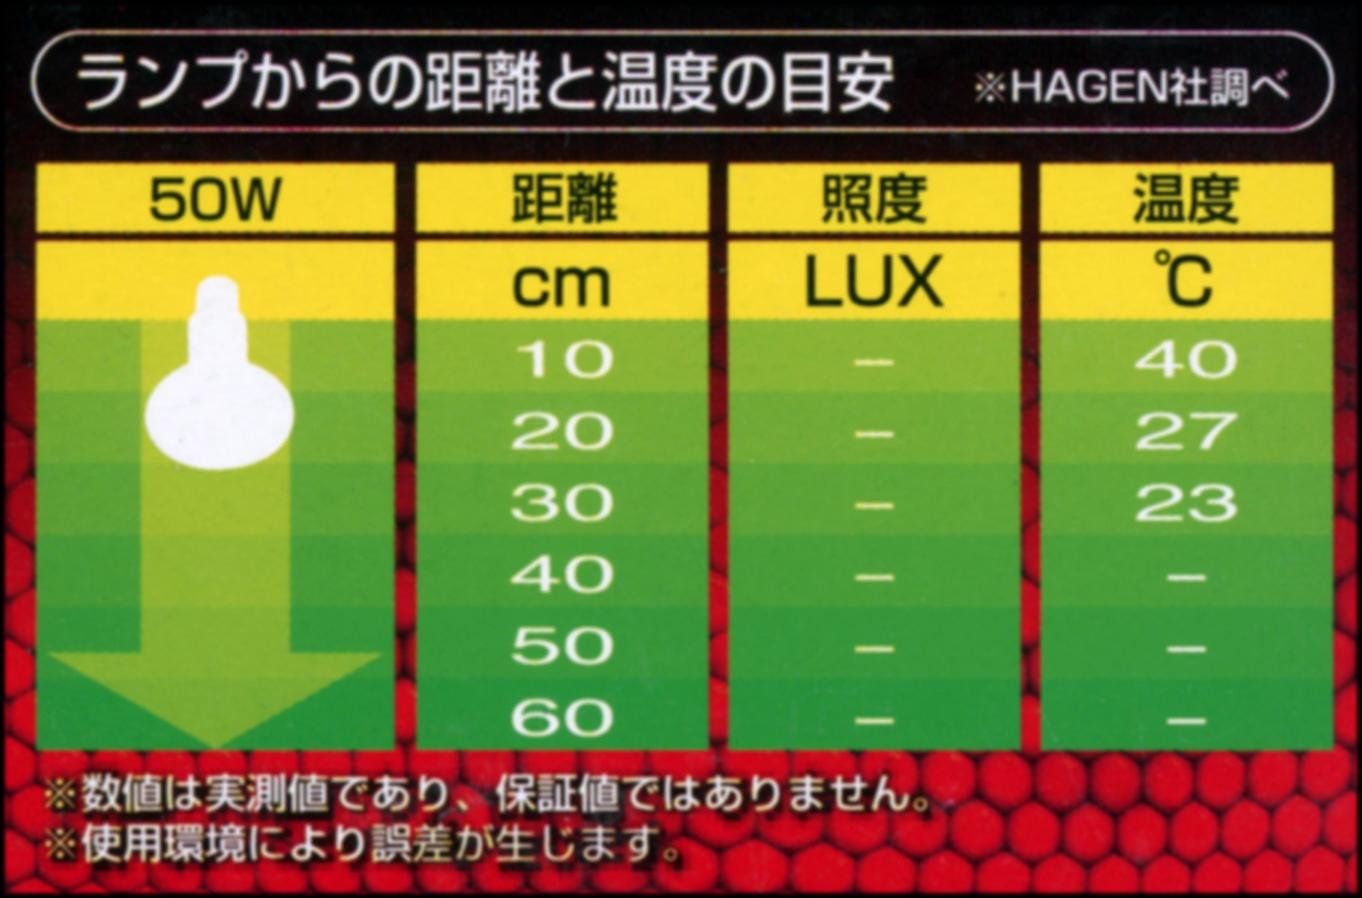 ヒートグロー赤外線放熱ランプ50Wからの距離と温度の目安